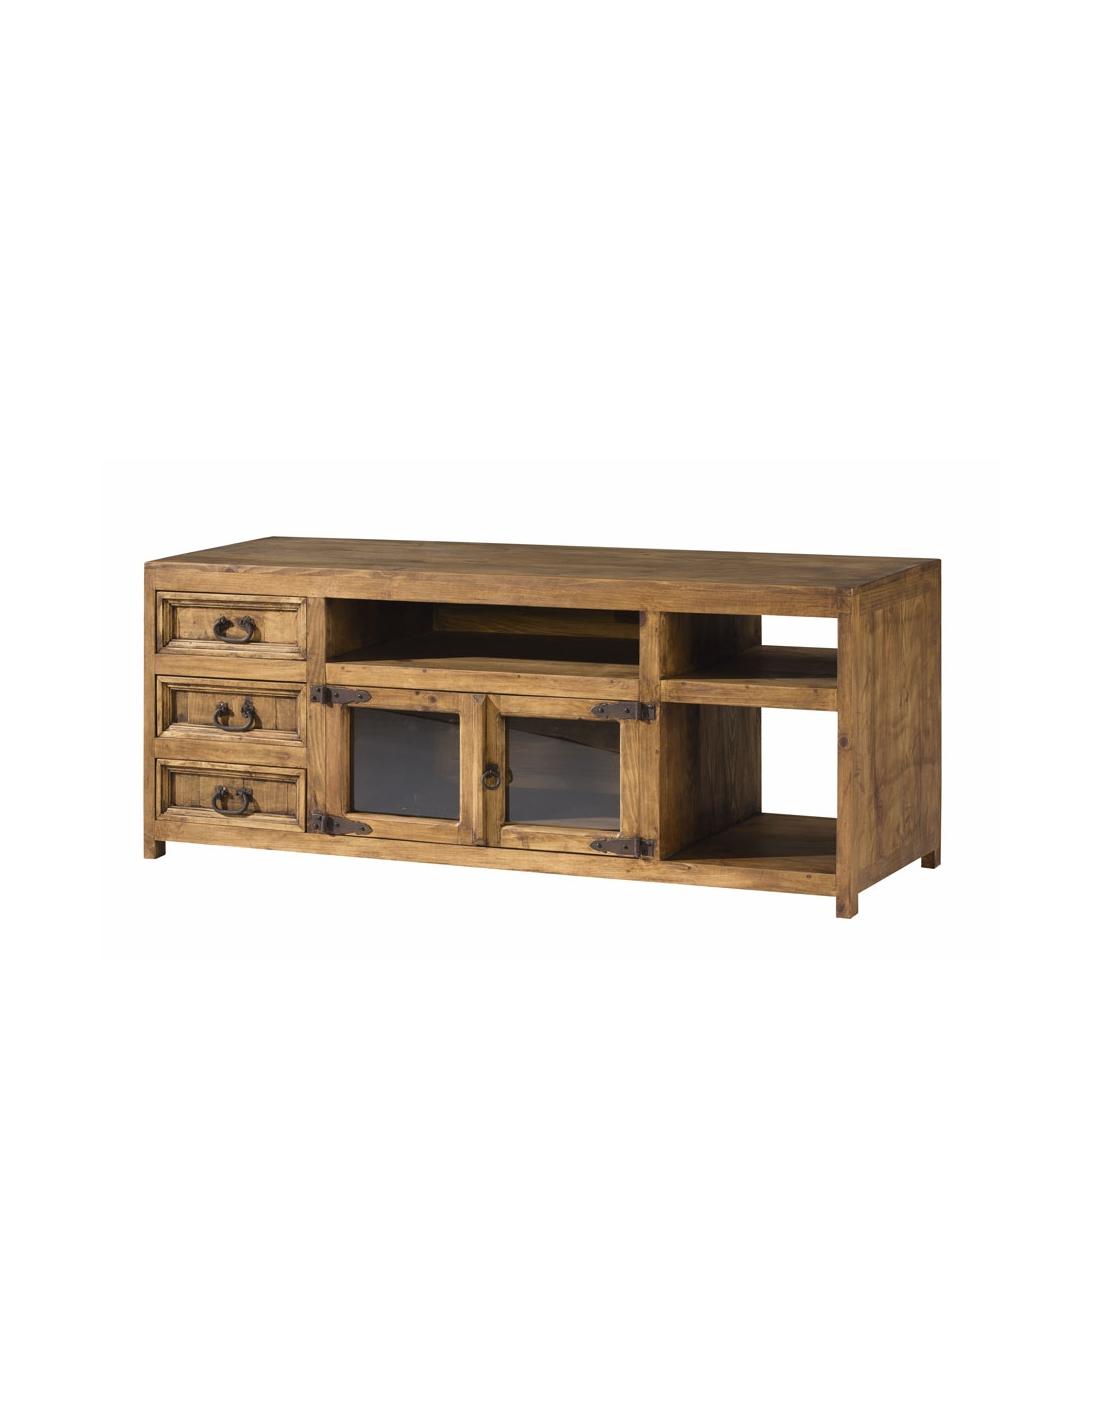 Comprar mueble tv de madera de estilo rustico 257 de modular home - Muebles estilo rustico ...